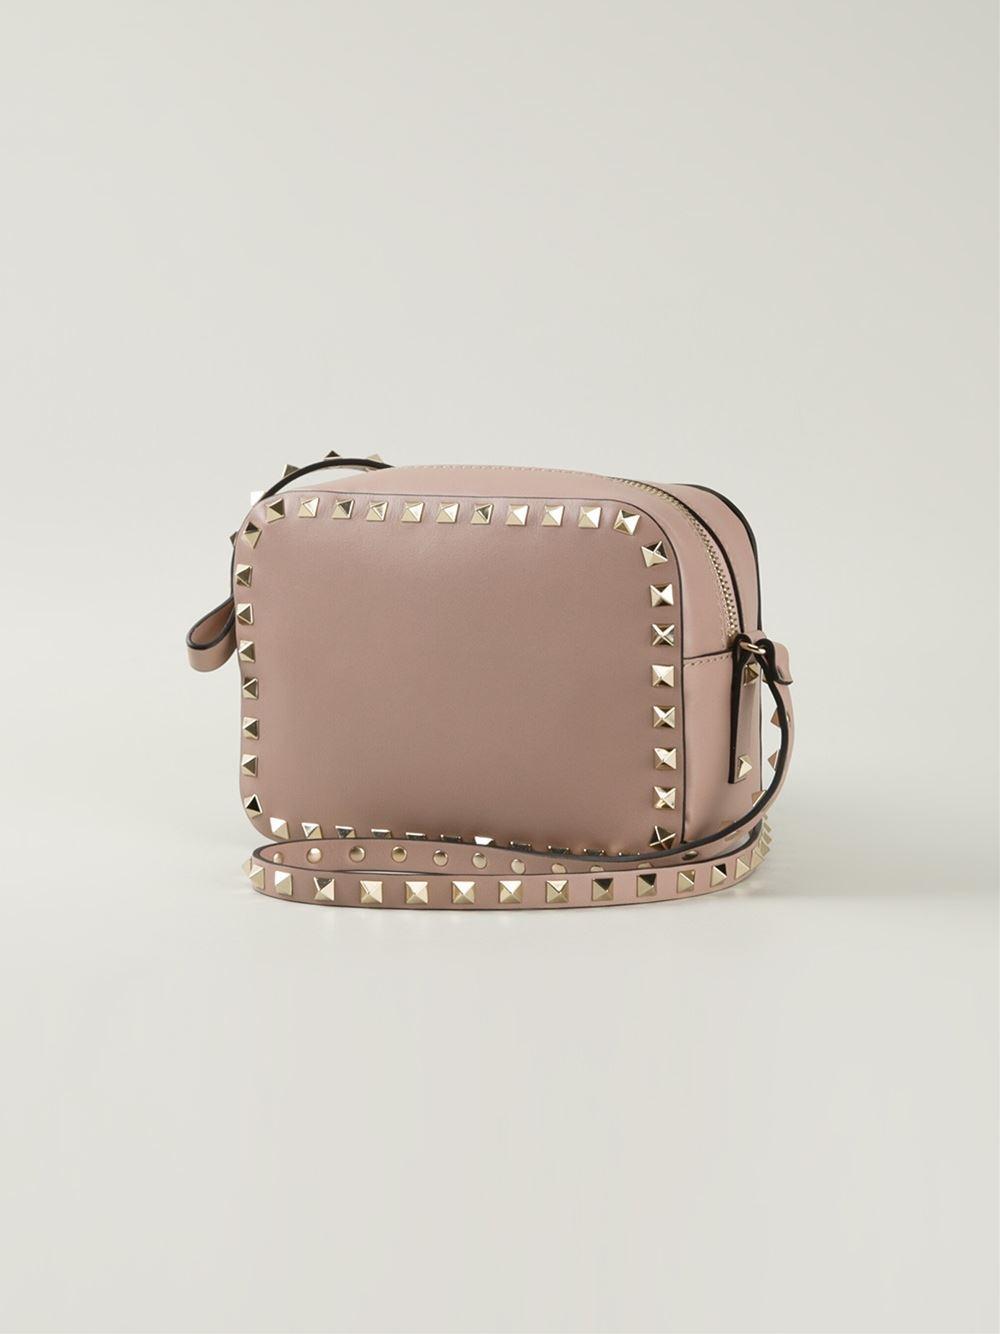 Valentino Rockstud Crossbody Bag In Natural  Lyst-6787